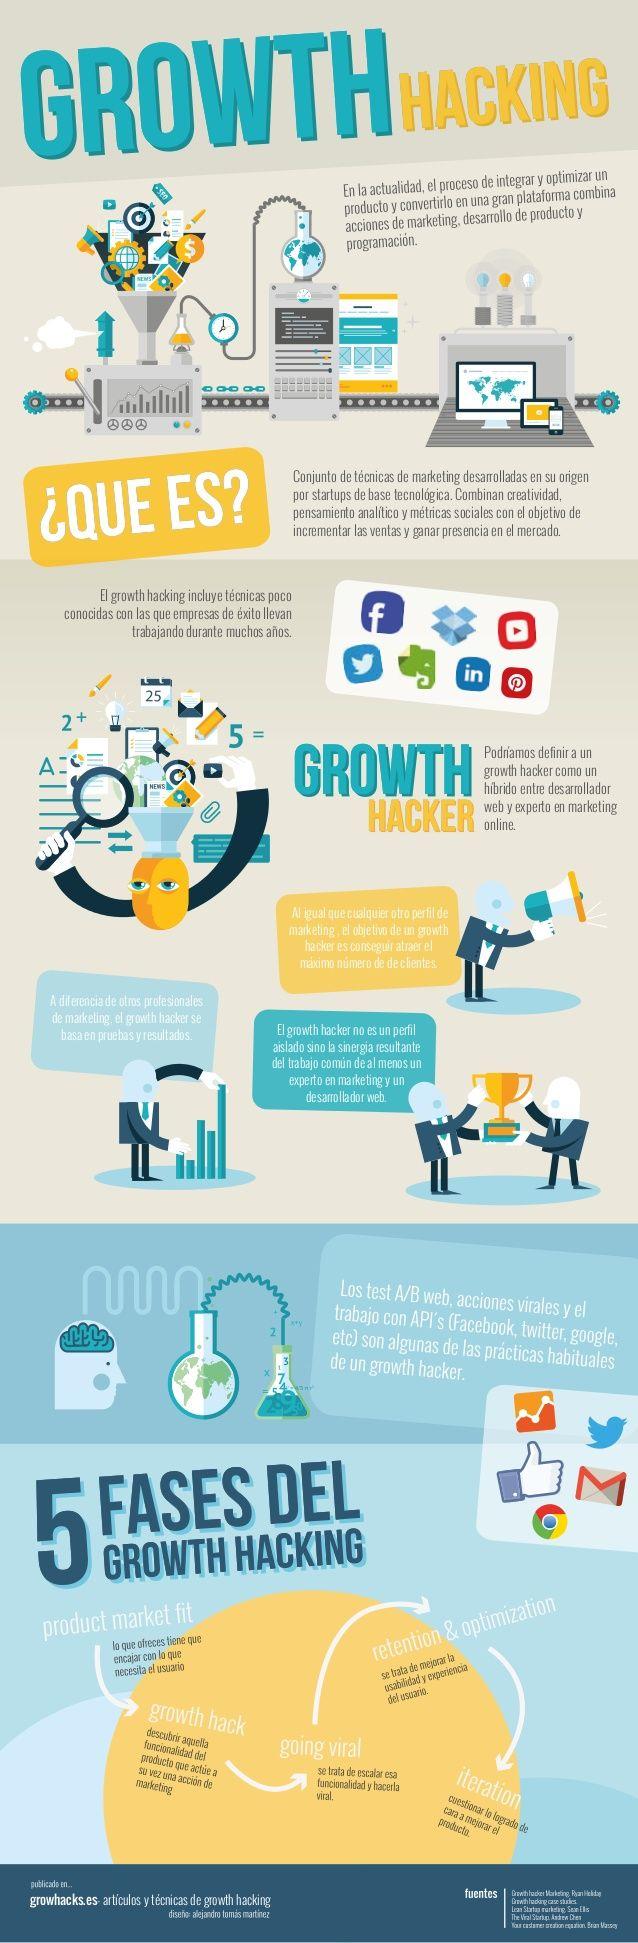 ¿Qué es Growth Hacking?